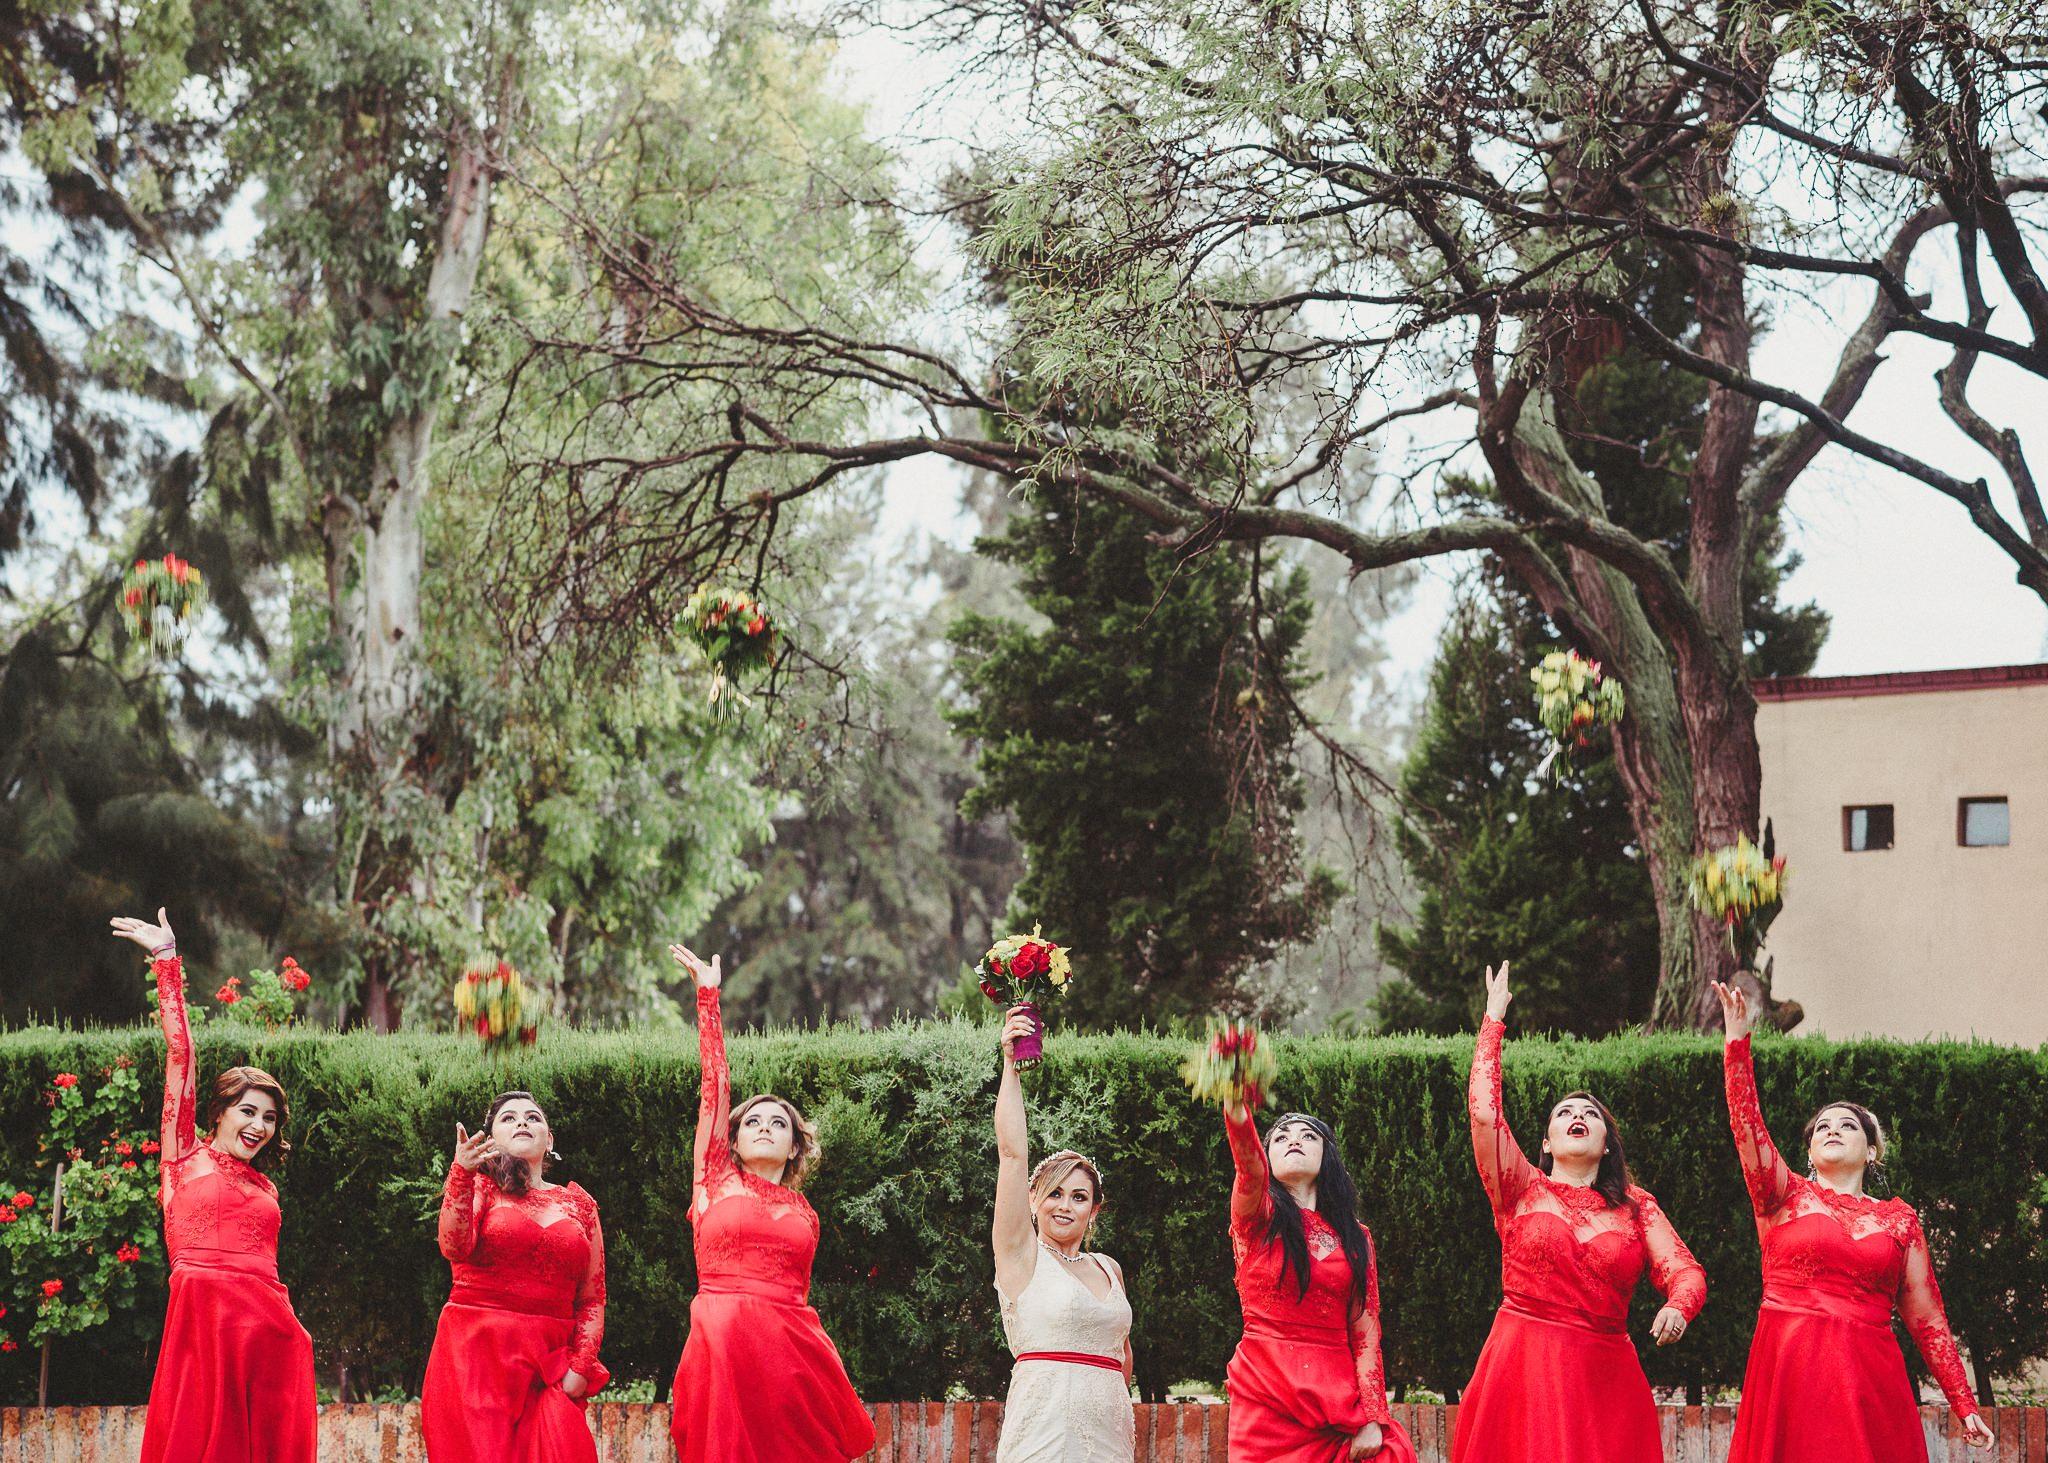 03boda-en-jardin-wedding-hacienda-los-cuartos-fotografo-luis-houdin93